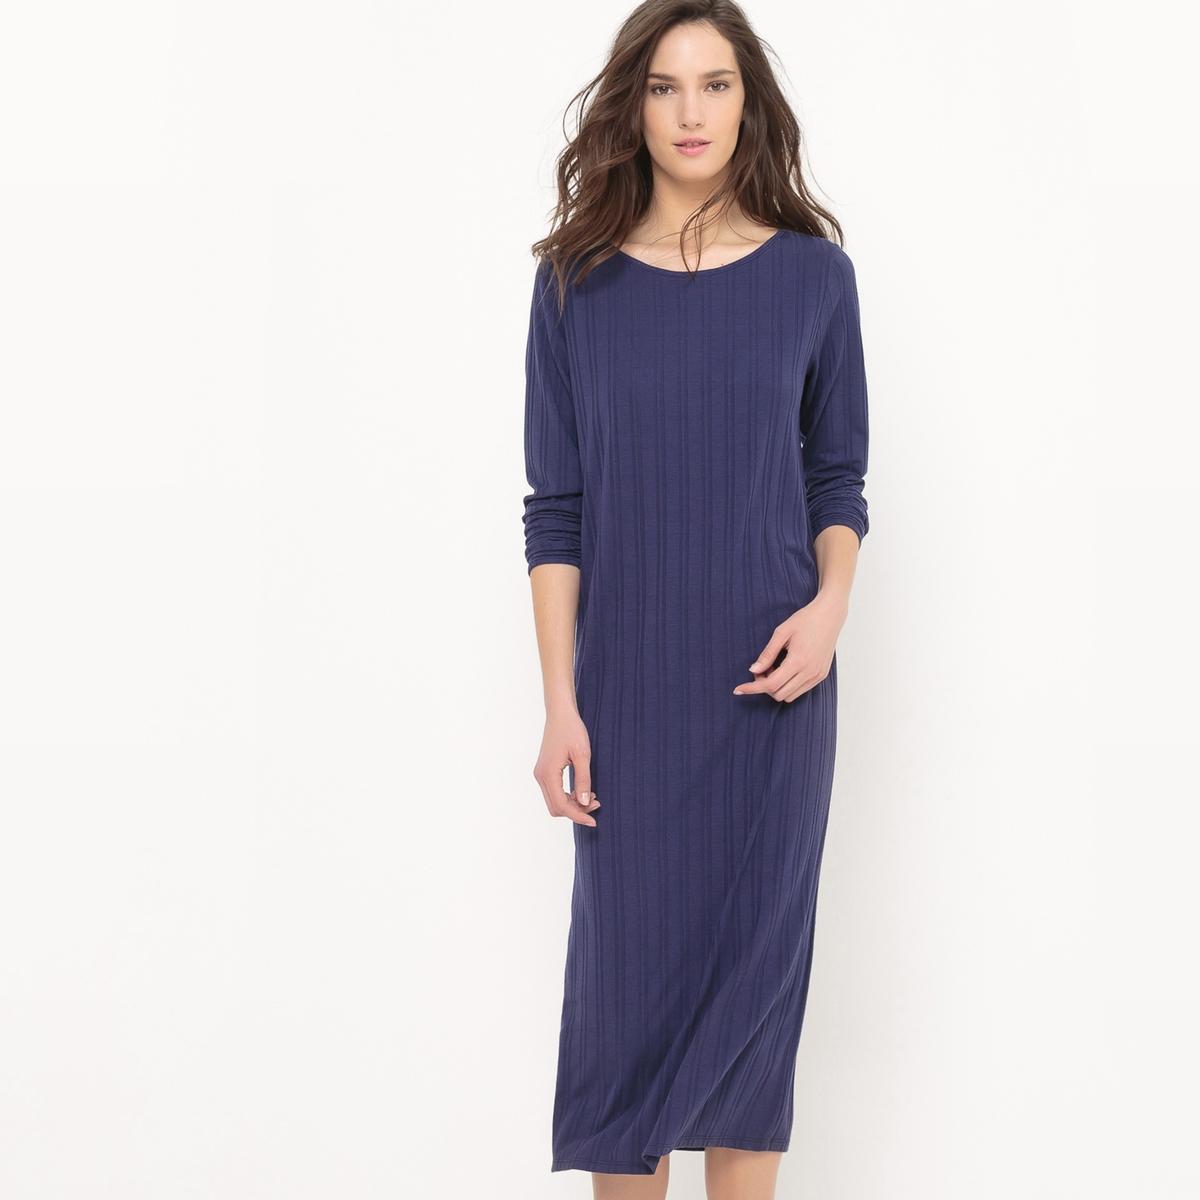 Платье длинное с ребристым узором, декольте сзади